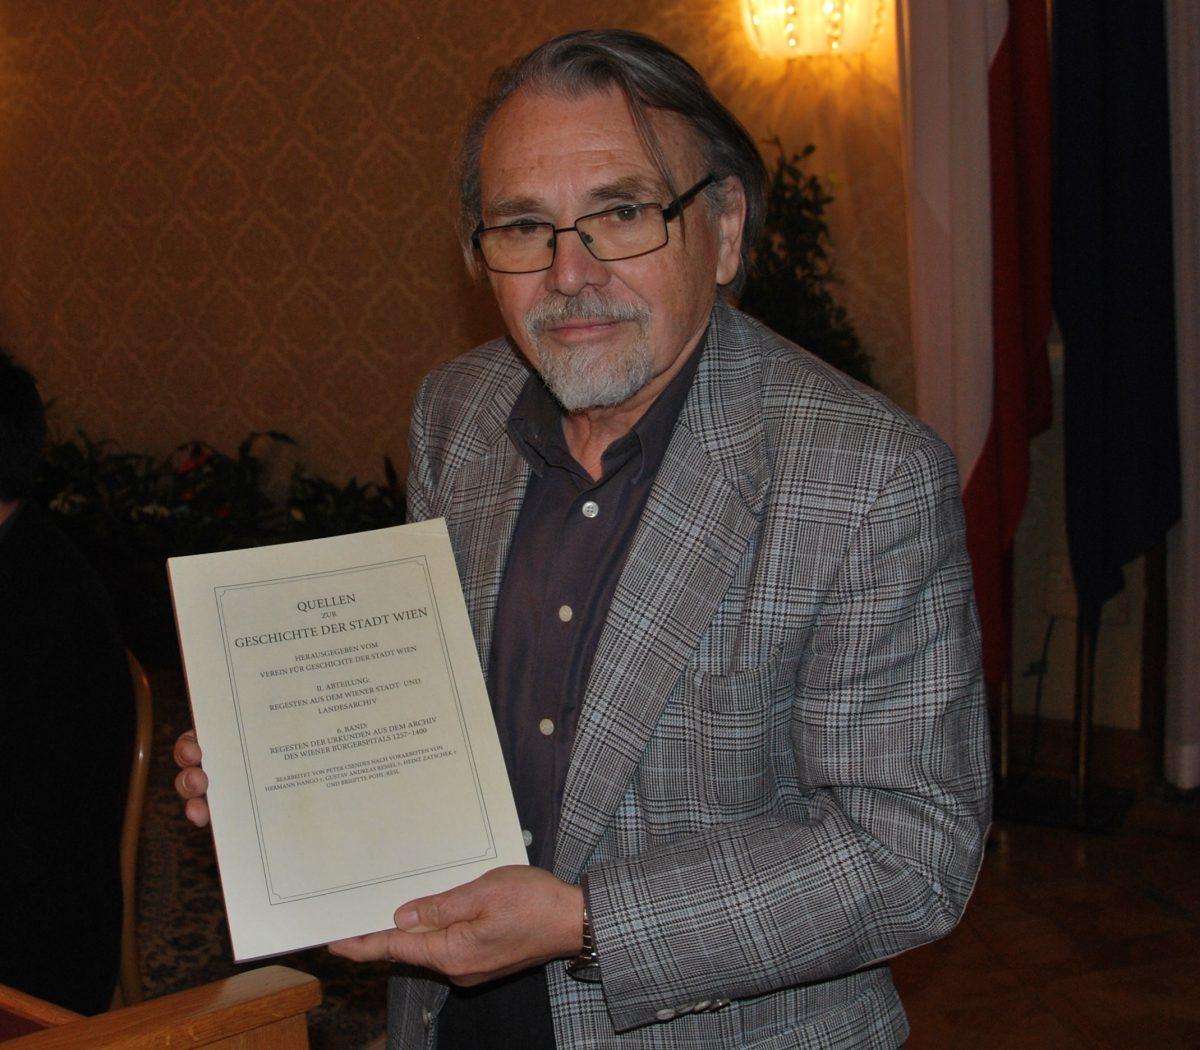 ao. Univ.-Prof. SR HR Dr. Peter Csendes mit seinem Buch (Foto: Alfred Paleczny)